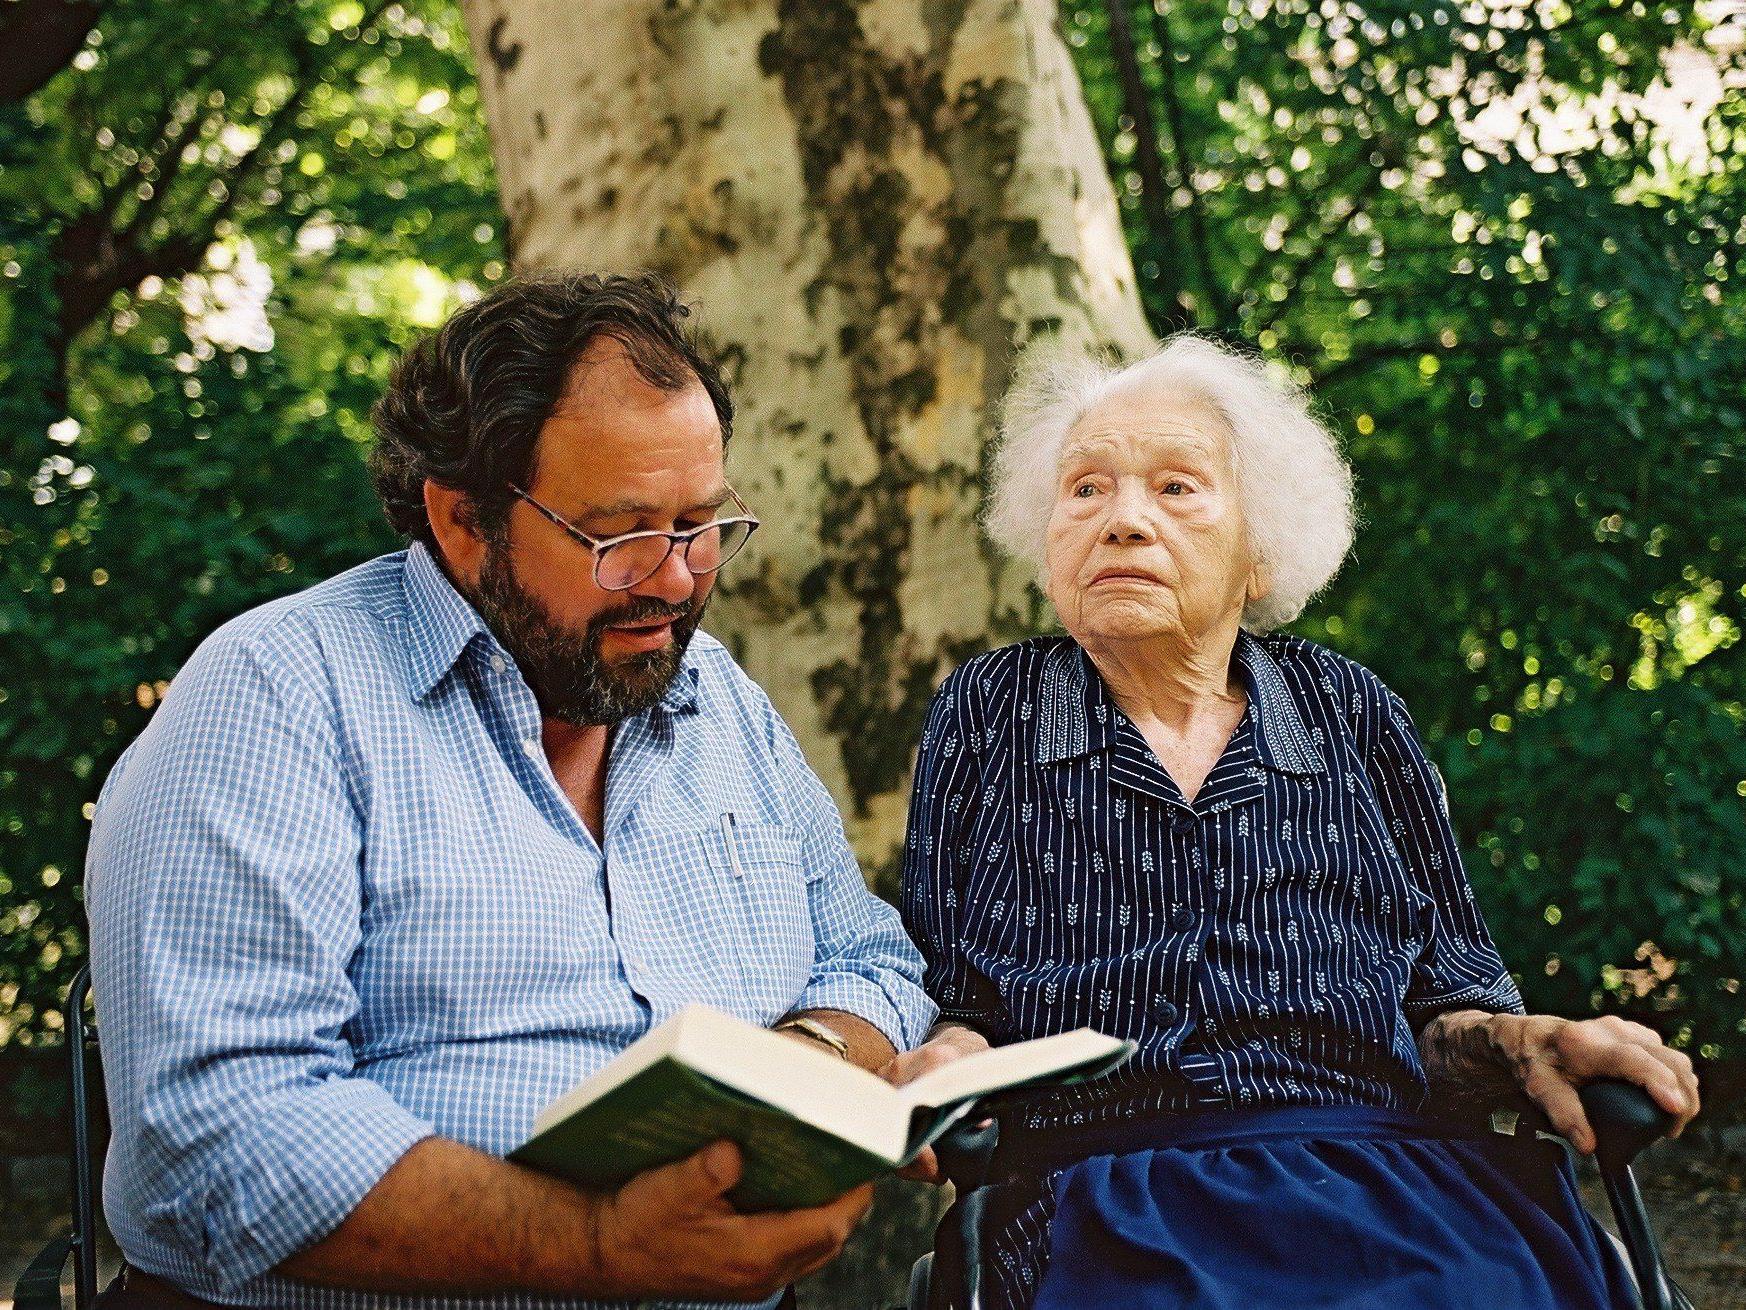 Um noch mehr SeniorInnen in den Seniorenheimen oder zuhause in den Genuss schöner Lesemomente bringen zu können, sucht die Caritas vor allem im Raum Rankweil und Bludenz Menschen, die ein wenig ihrer Freizeit in den Dienst der guten Sache stellen möchten.